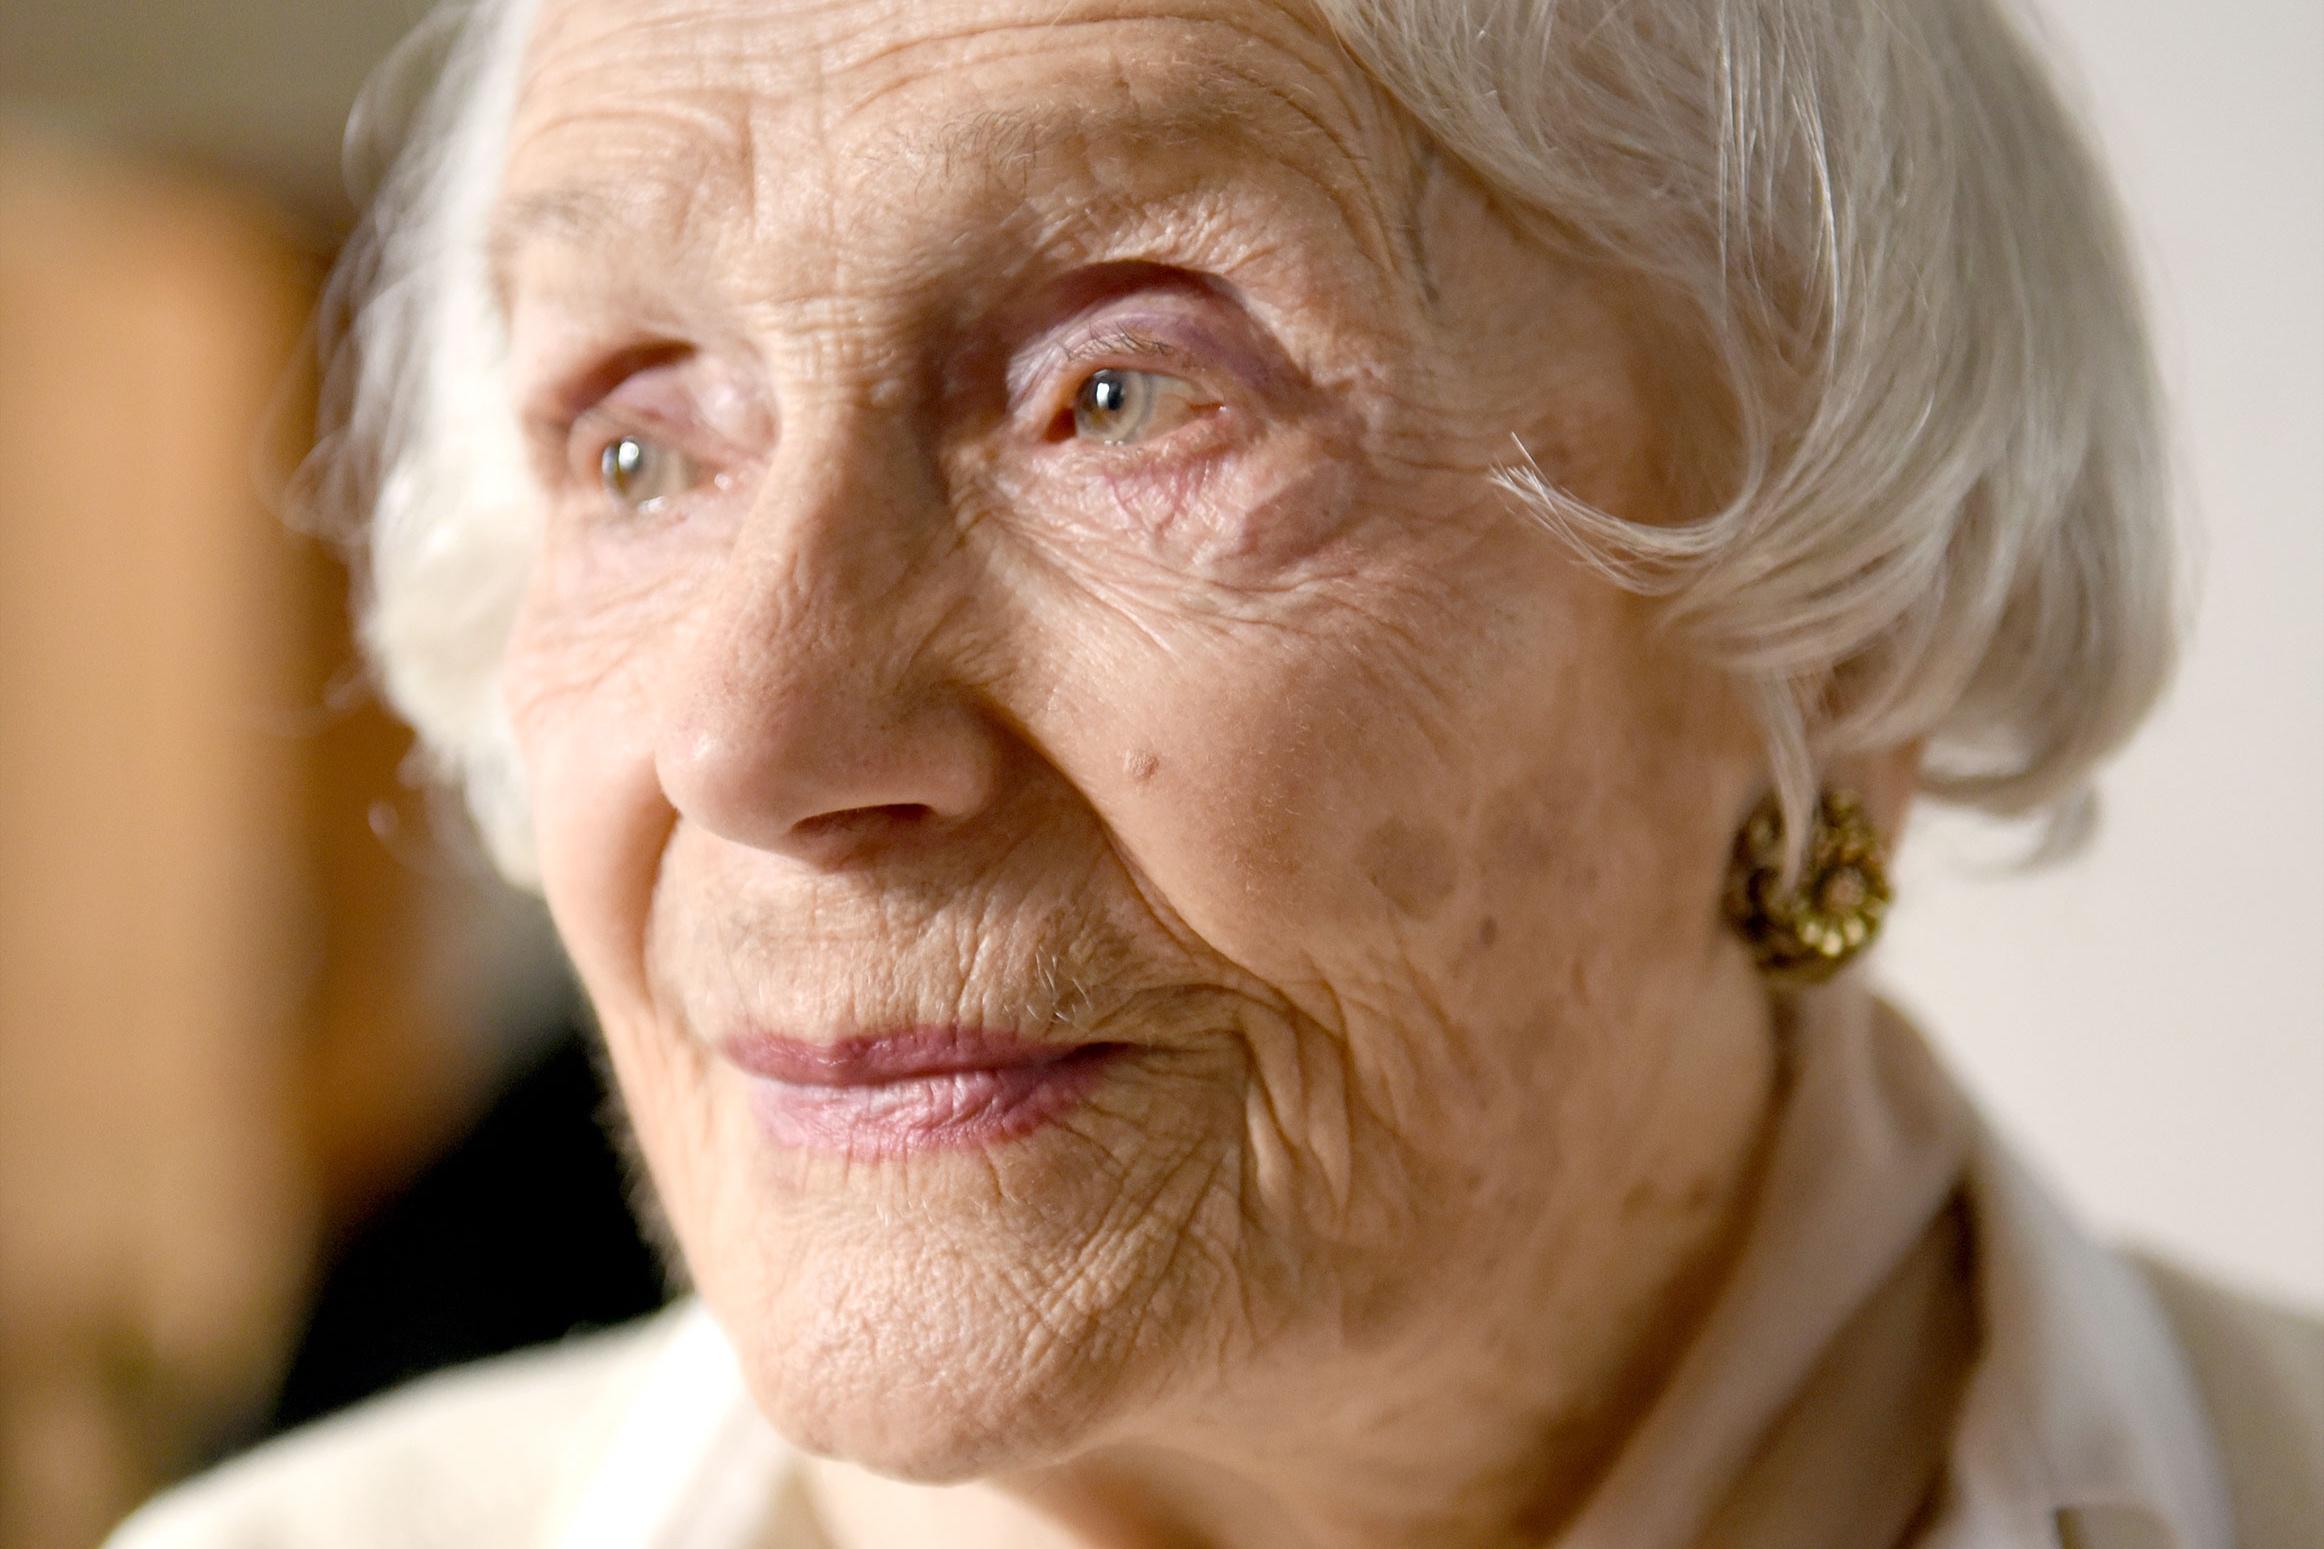 Gisèle Casadesus, 100, Paris, Frankreich, 2015 © Karsten Thormaehlen